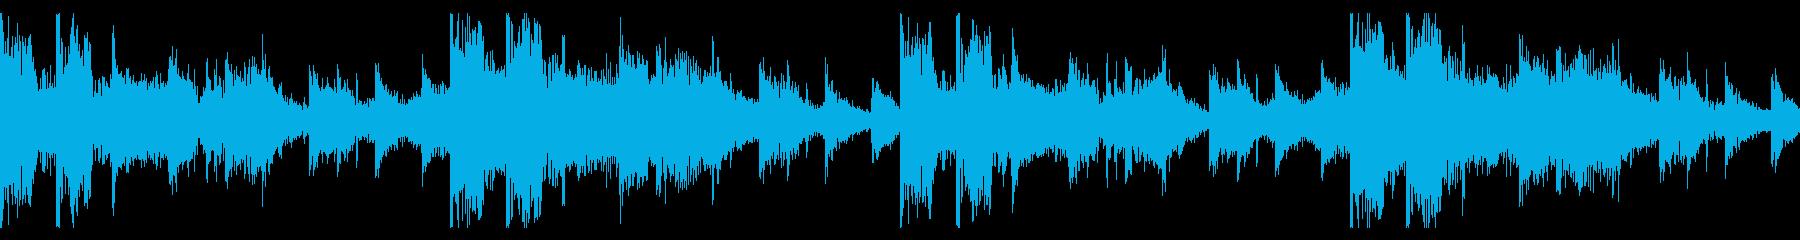 リズムメインのシネマティックエレクトロCの再生済みの波形